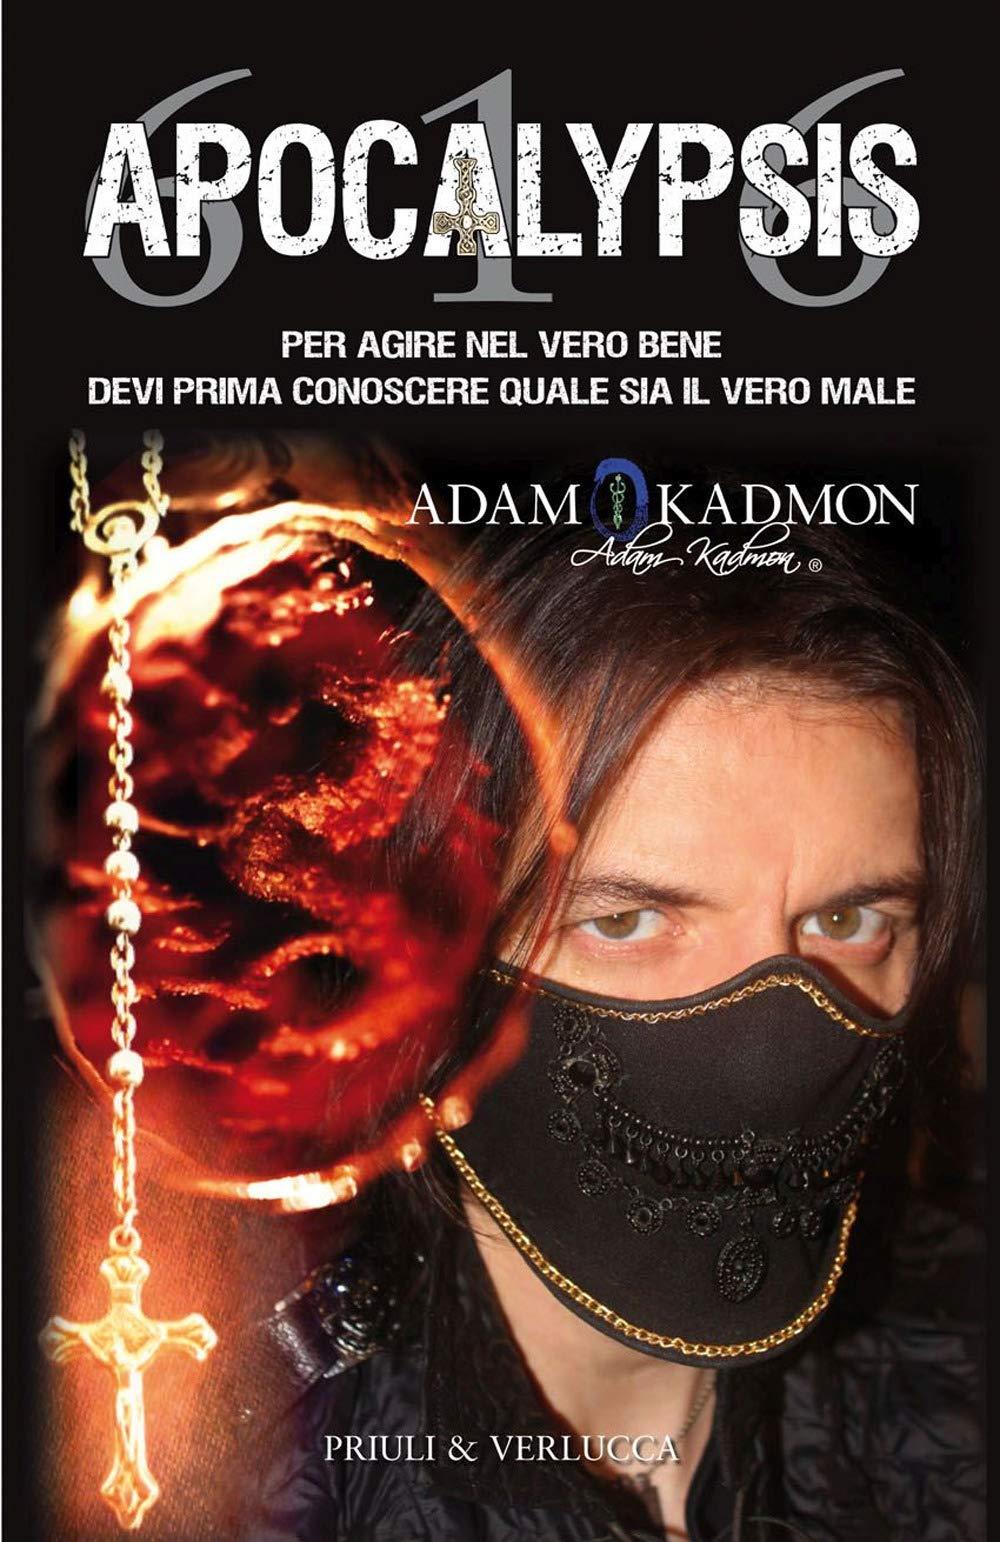 APOCALYPSIS 616 : è il titolo del NUOVO LIBRO di ADAM KADMON !!! (esce il 28.11.2019)